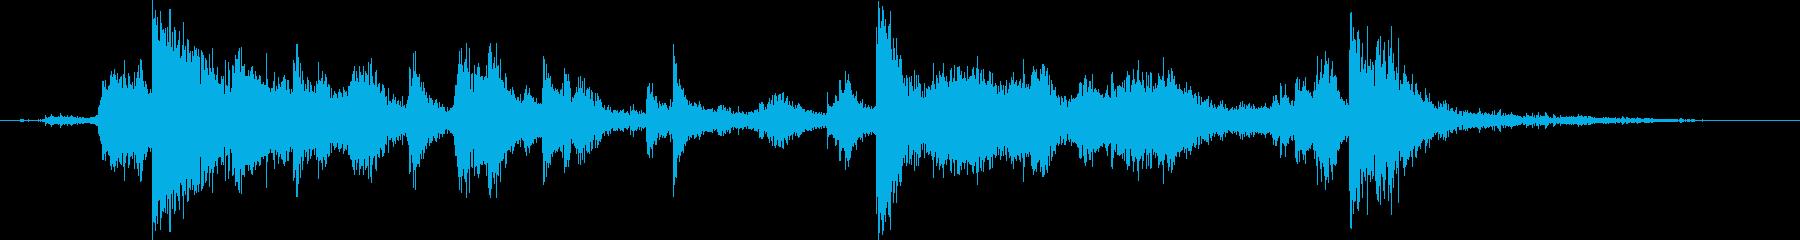 メタル クラッシュミディアム01の再生済みの波形